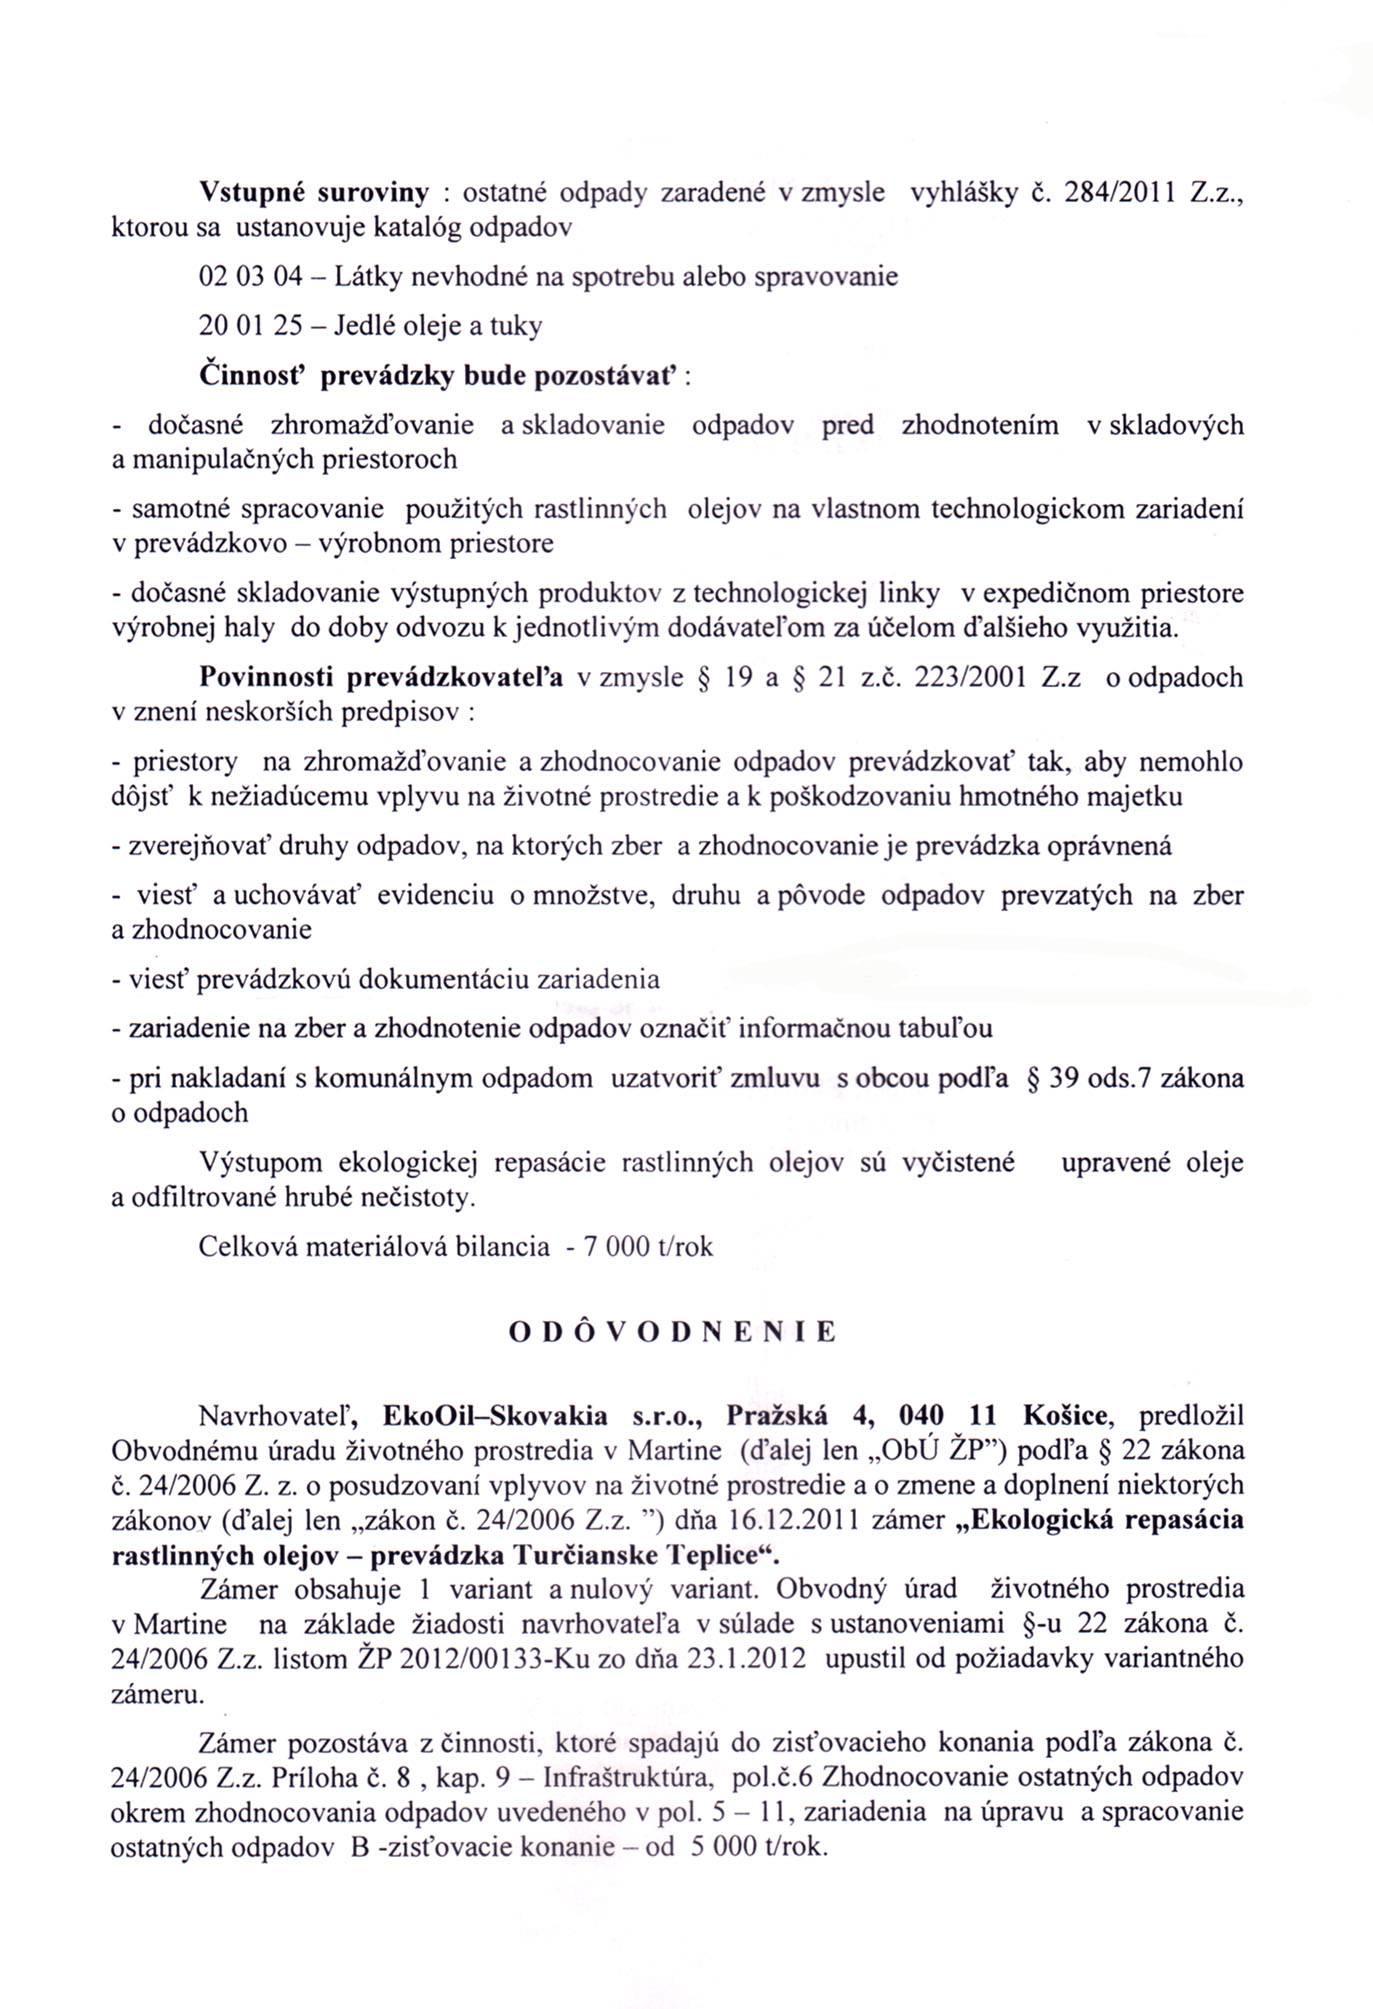 Rozhodnutie EIA 2 strana